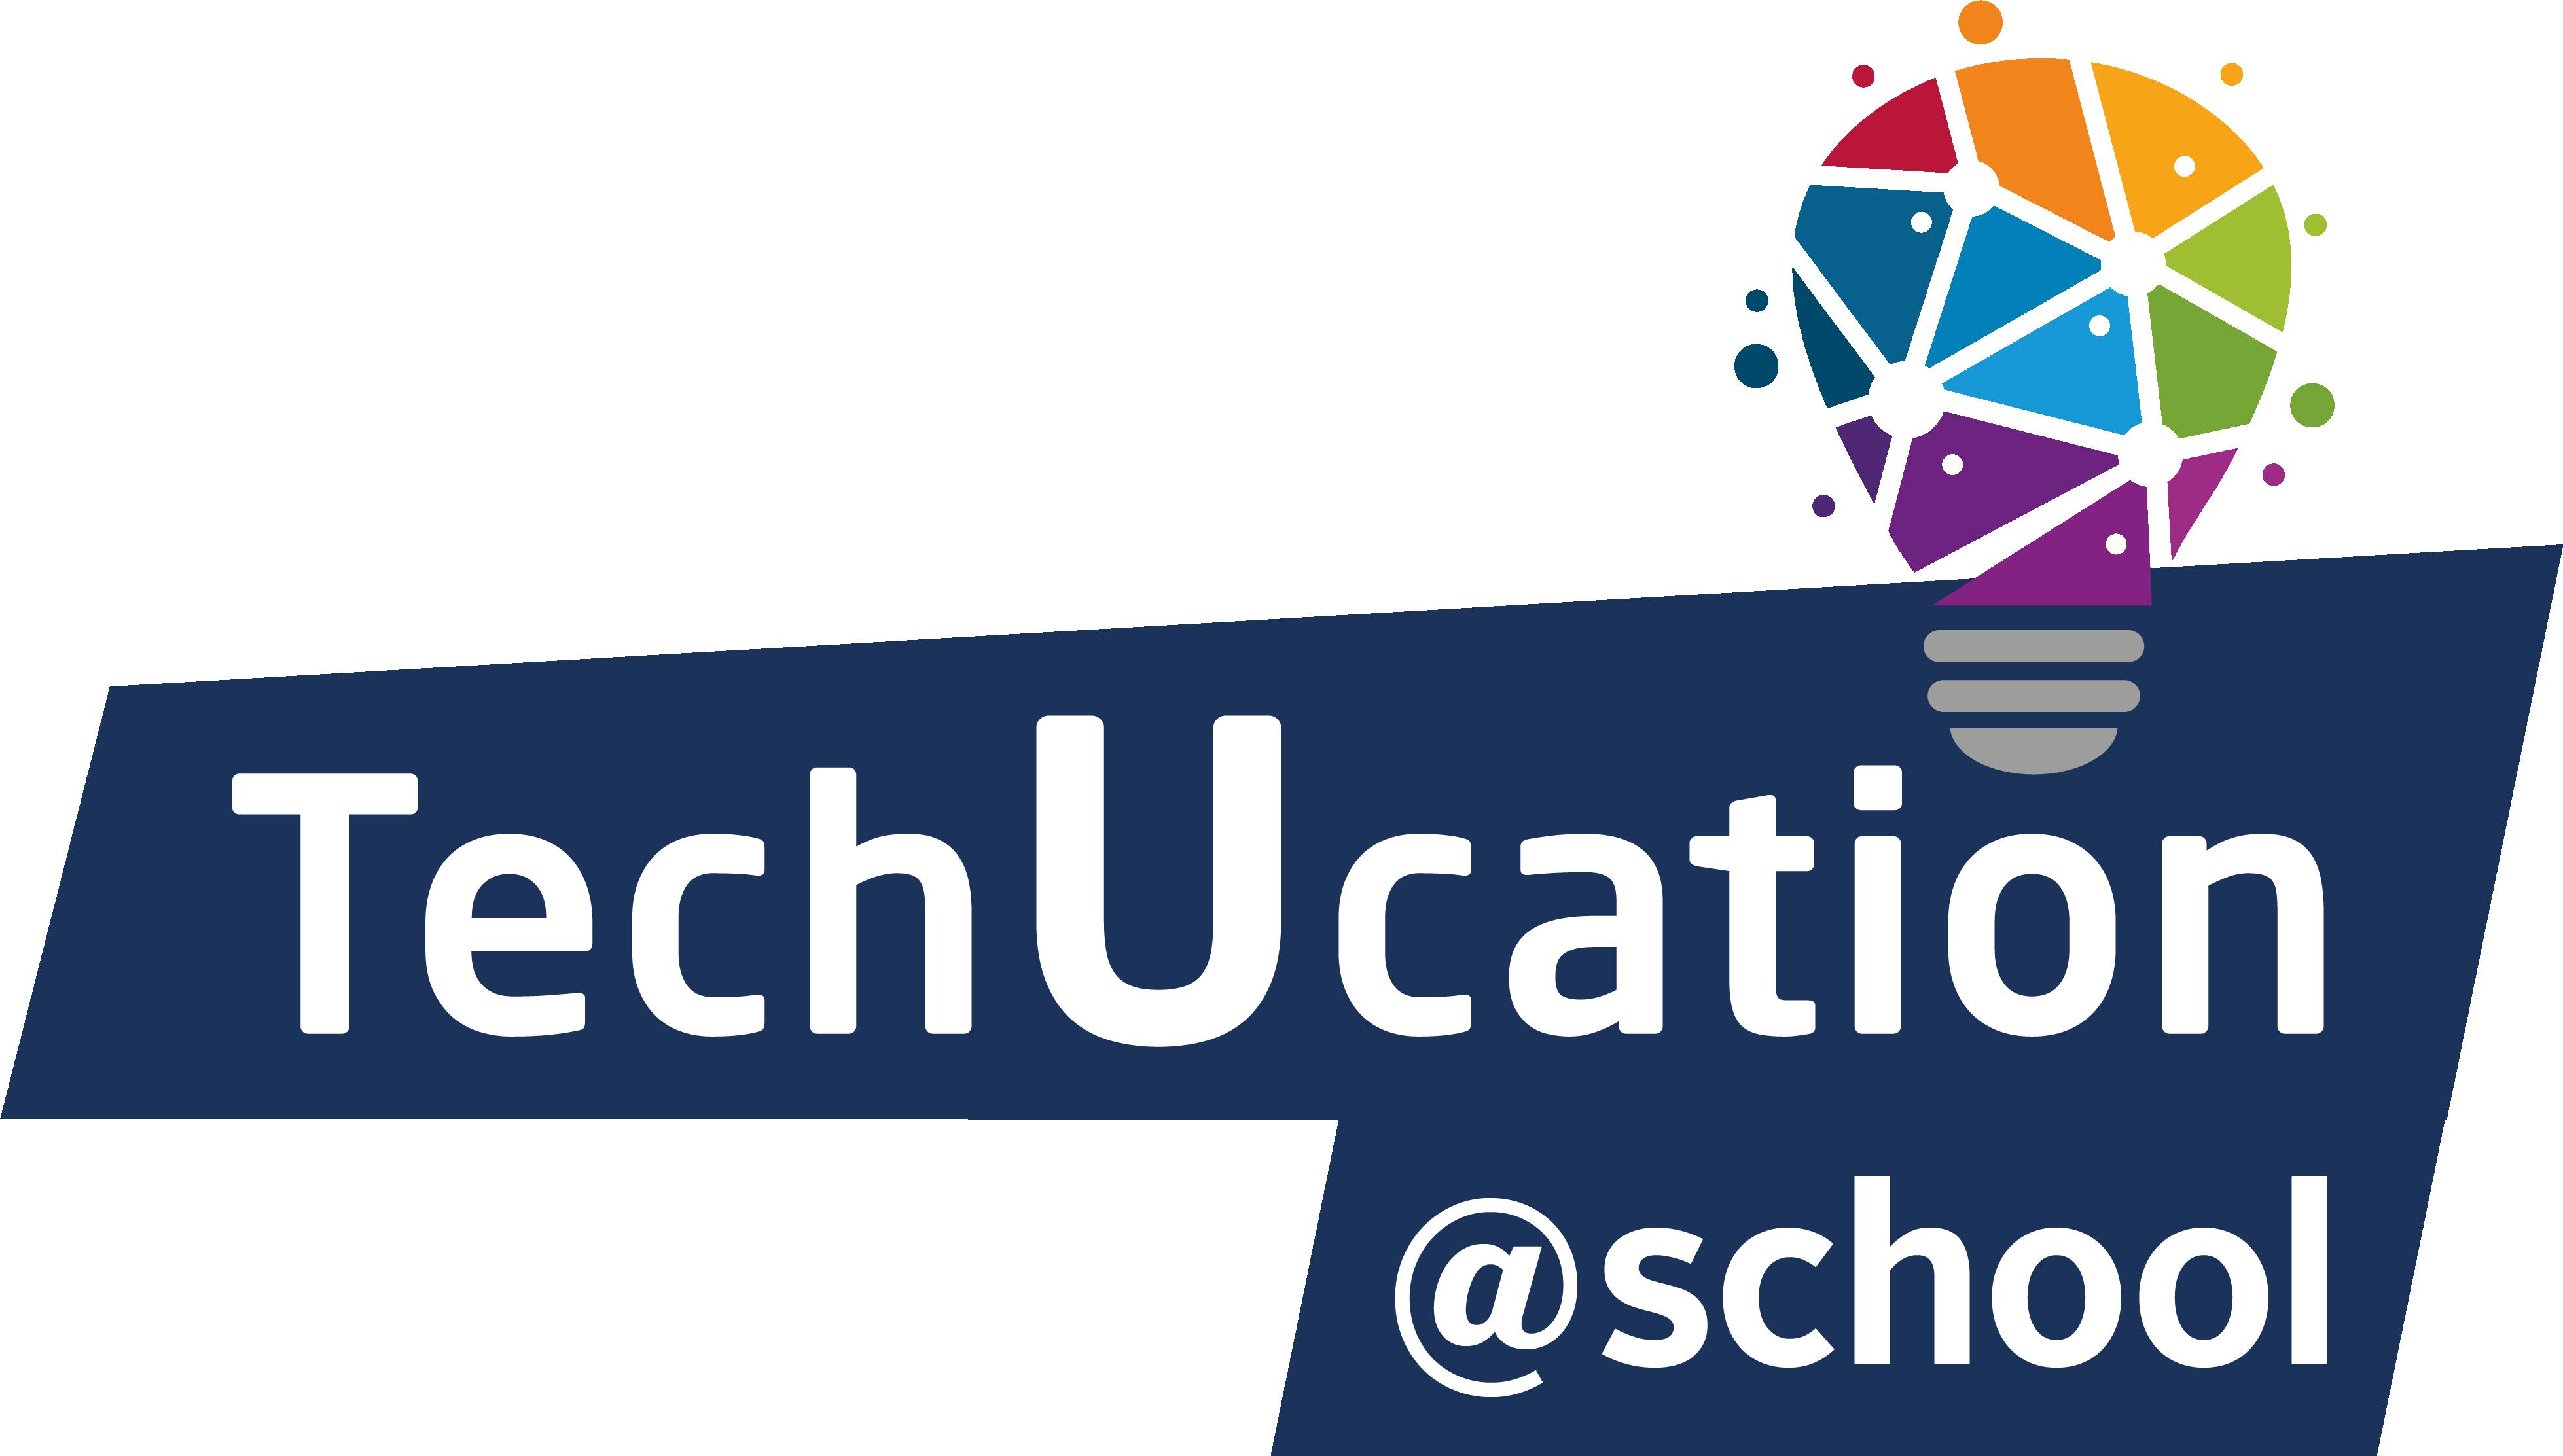 TechUcation@school – Lernen. Neu. Entdecken.